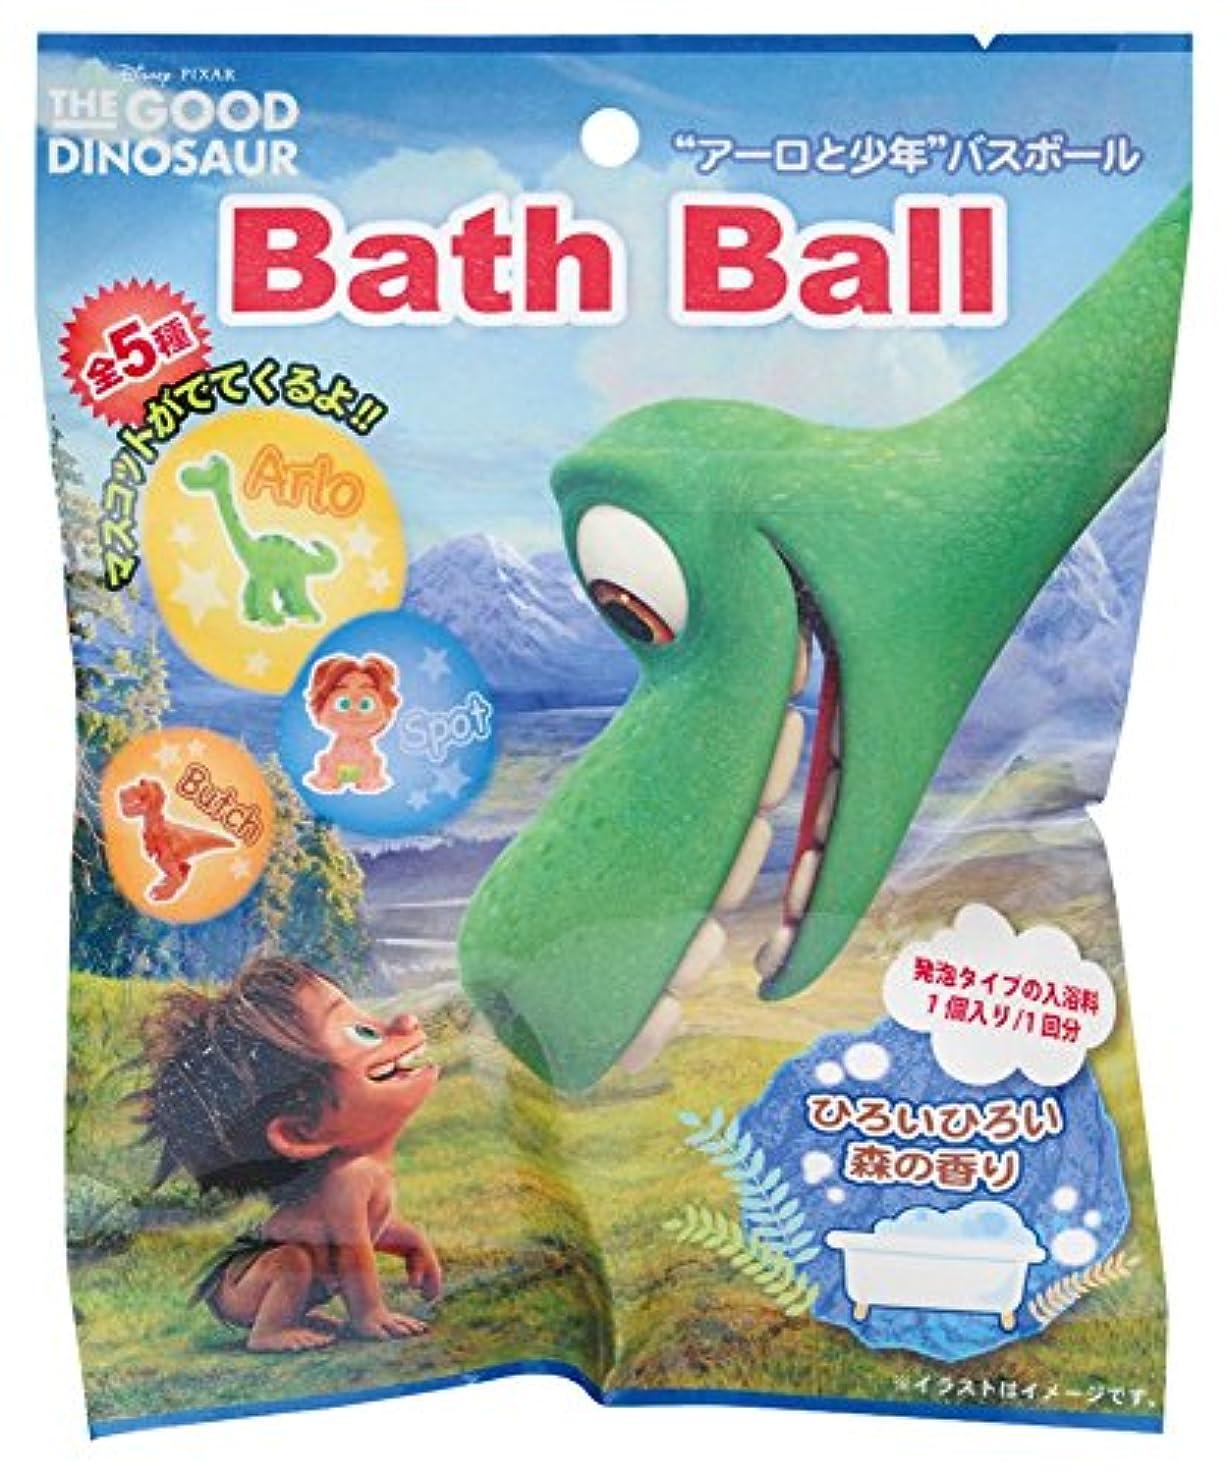 カカドゥ賛美歌リゾートディズニー ピクサー 入浴剤 アーロと少年 バスボール おまけ付き DIP-84-01